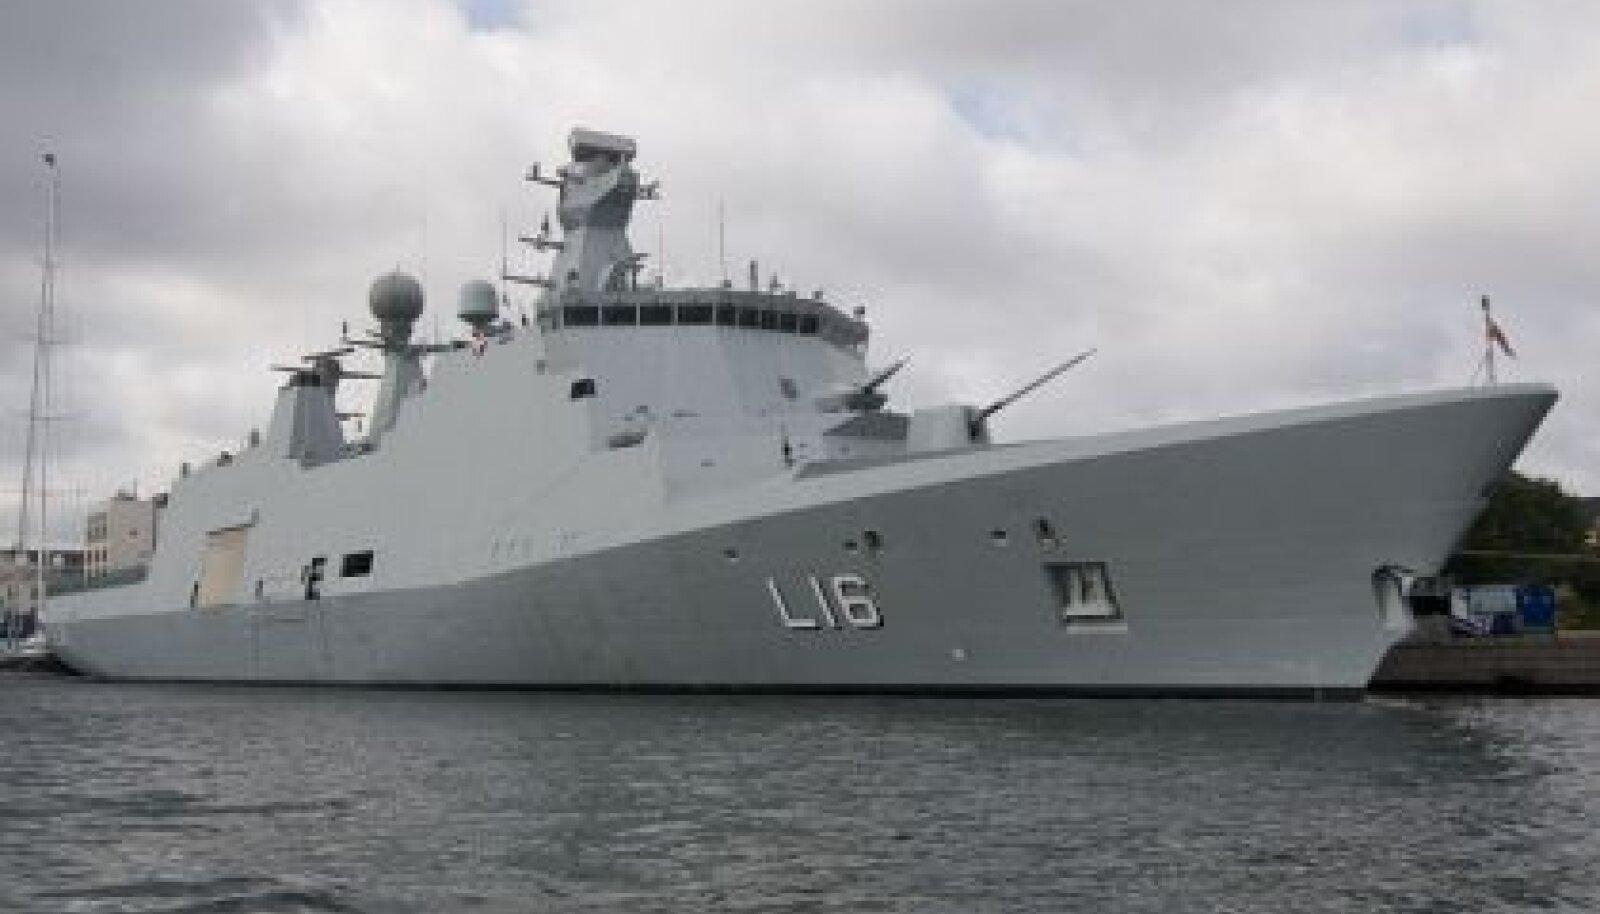 Taani sõjalaev Absalon